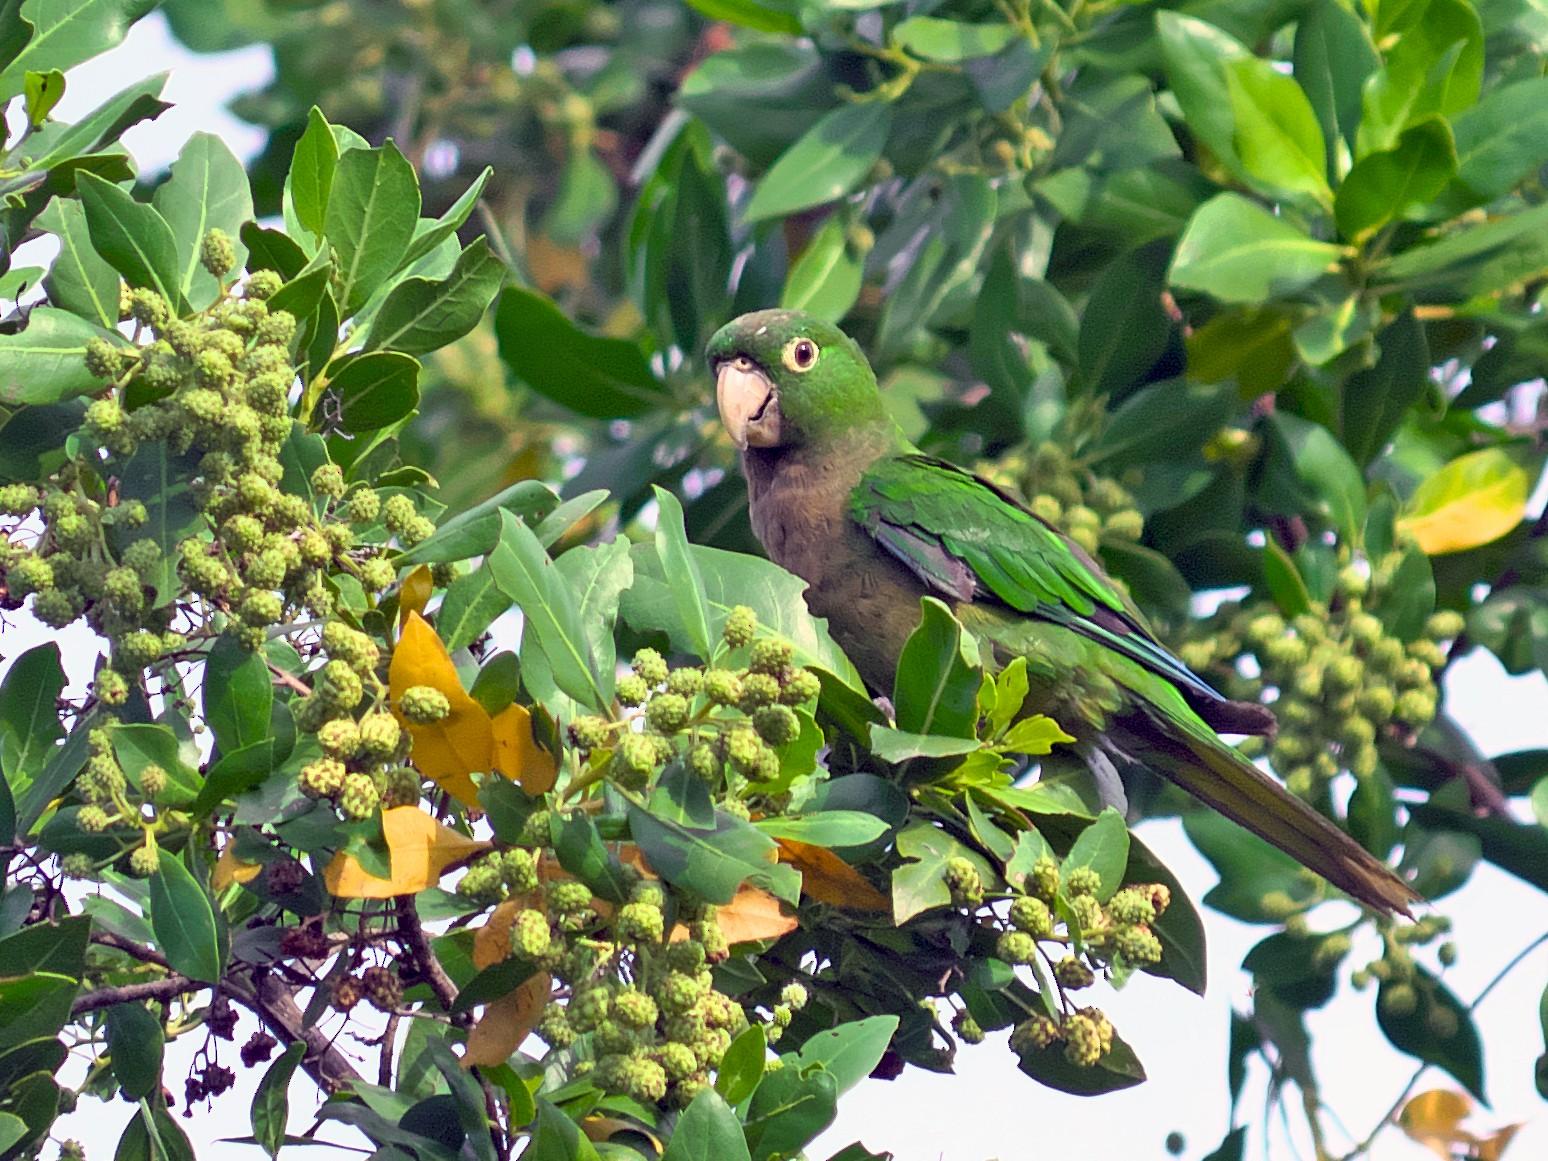 Olive-throated Parakeet - Paul Tavares